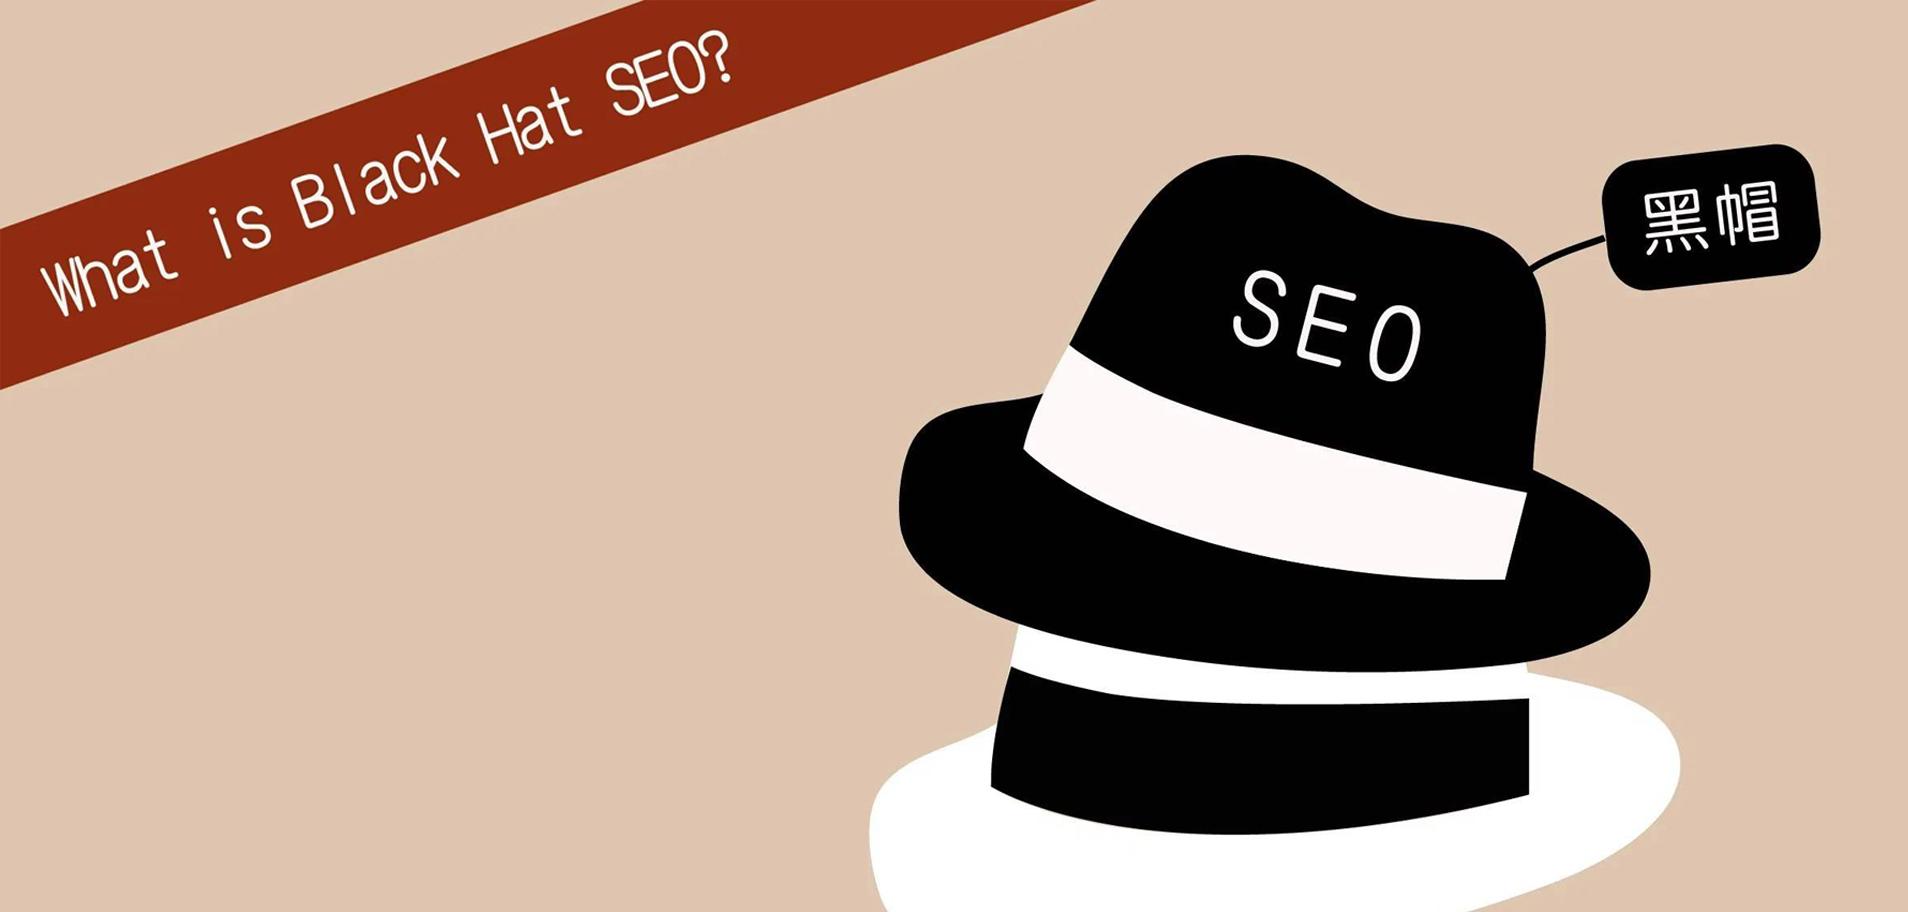 黑帽SEO优化详解篇「入门篇」